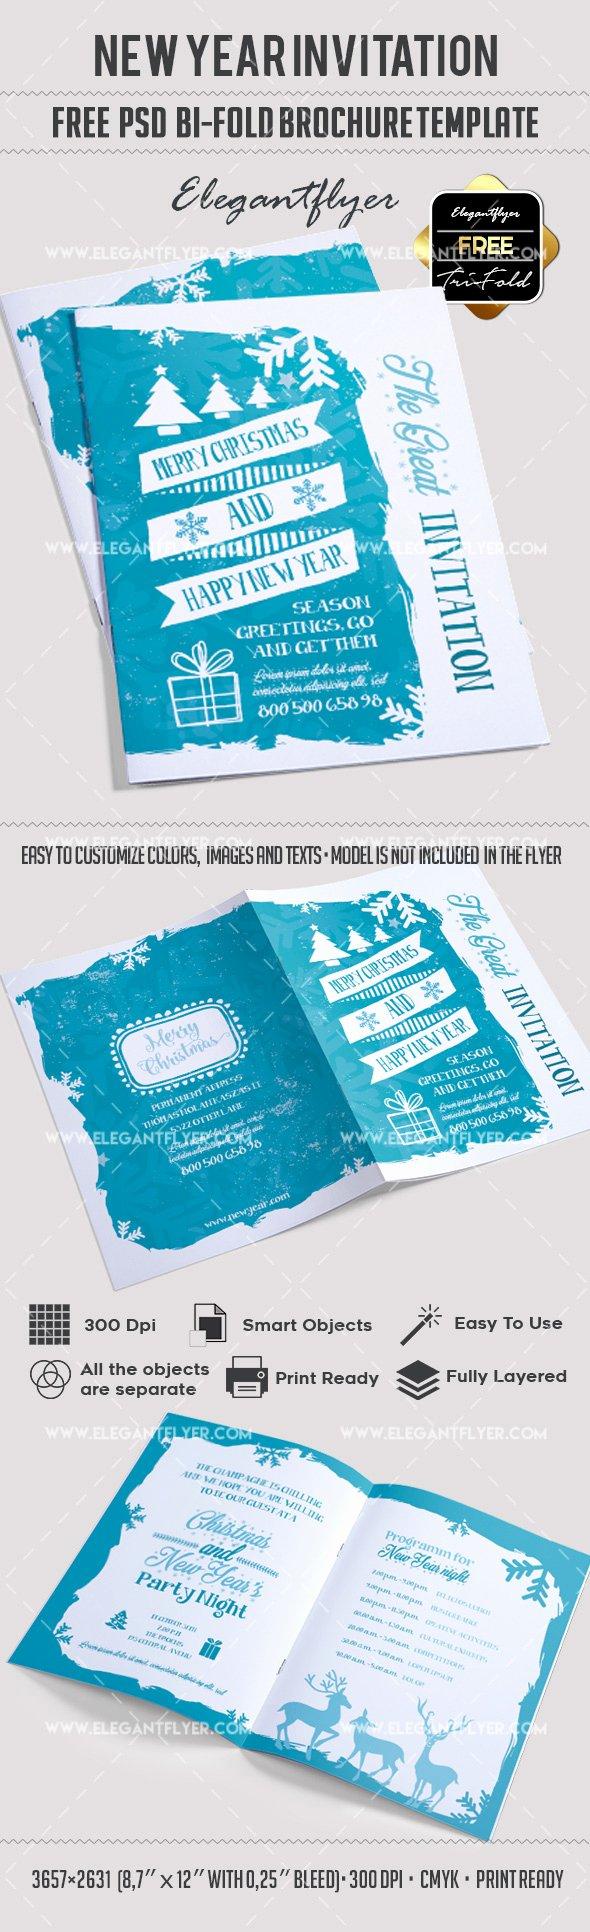 Download New Year Invitation – Free Bi Fold Psd Brochure